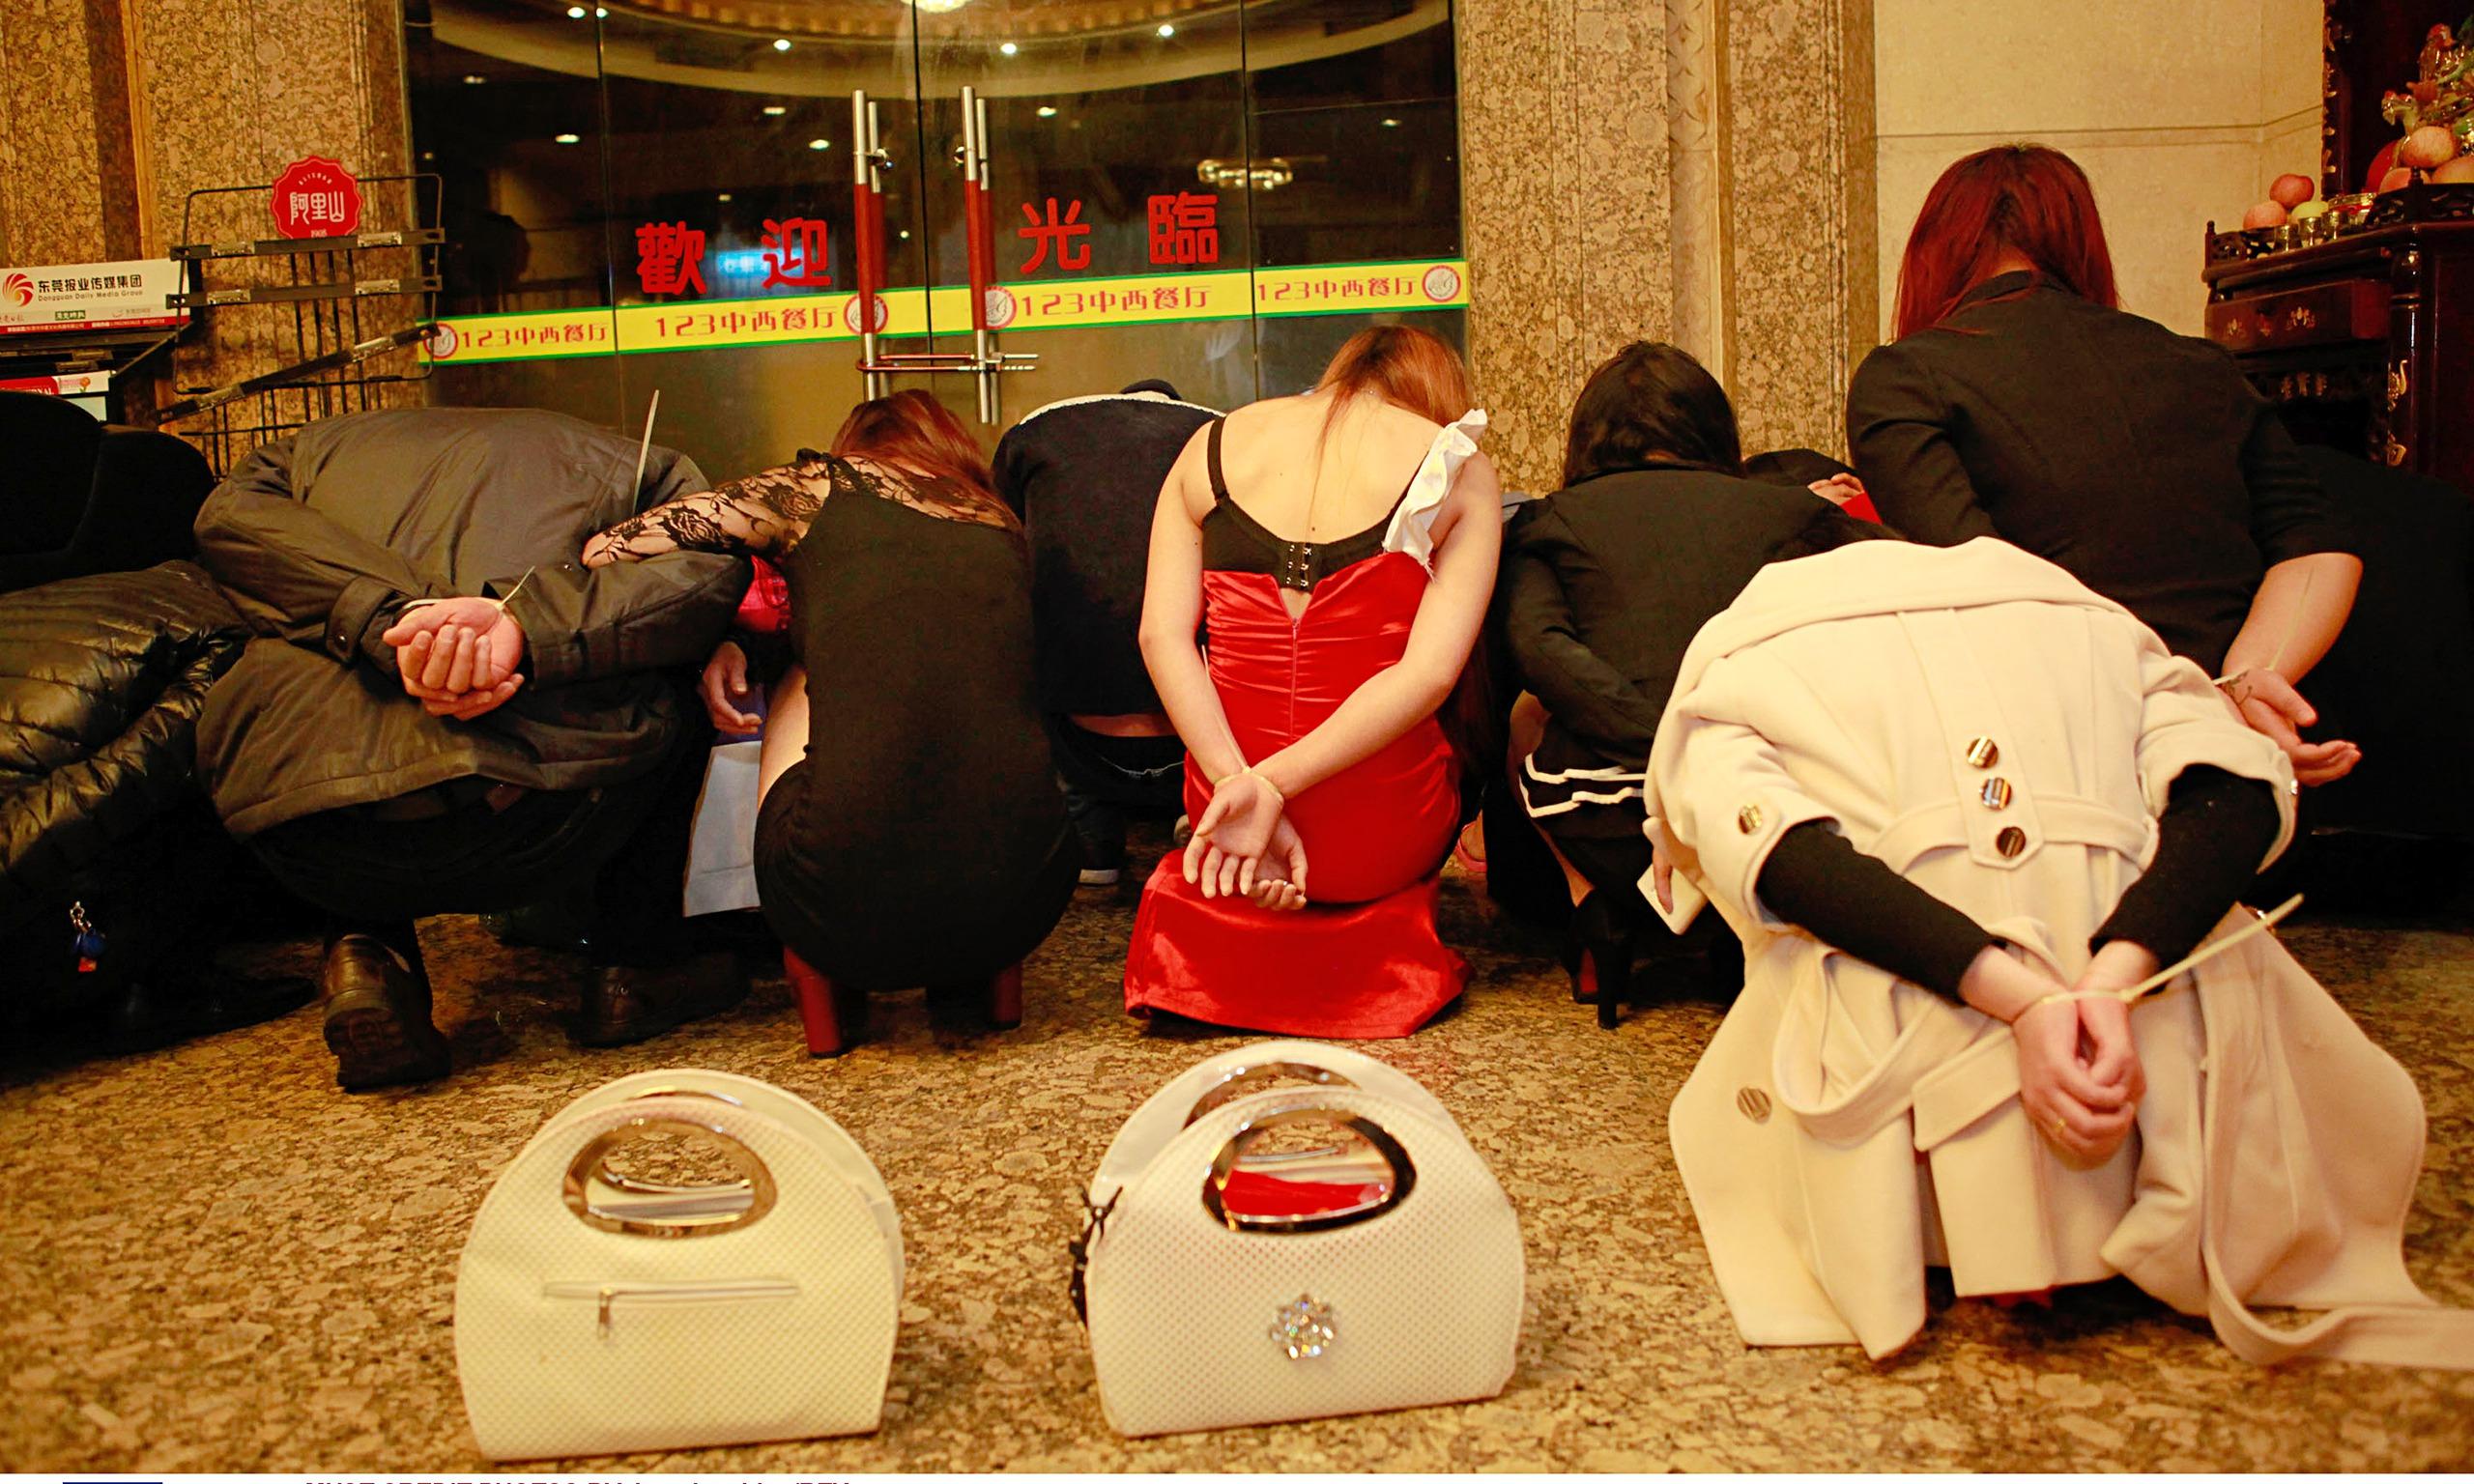 prostitution türkei prostituierte in china